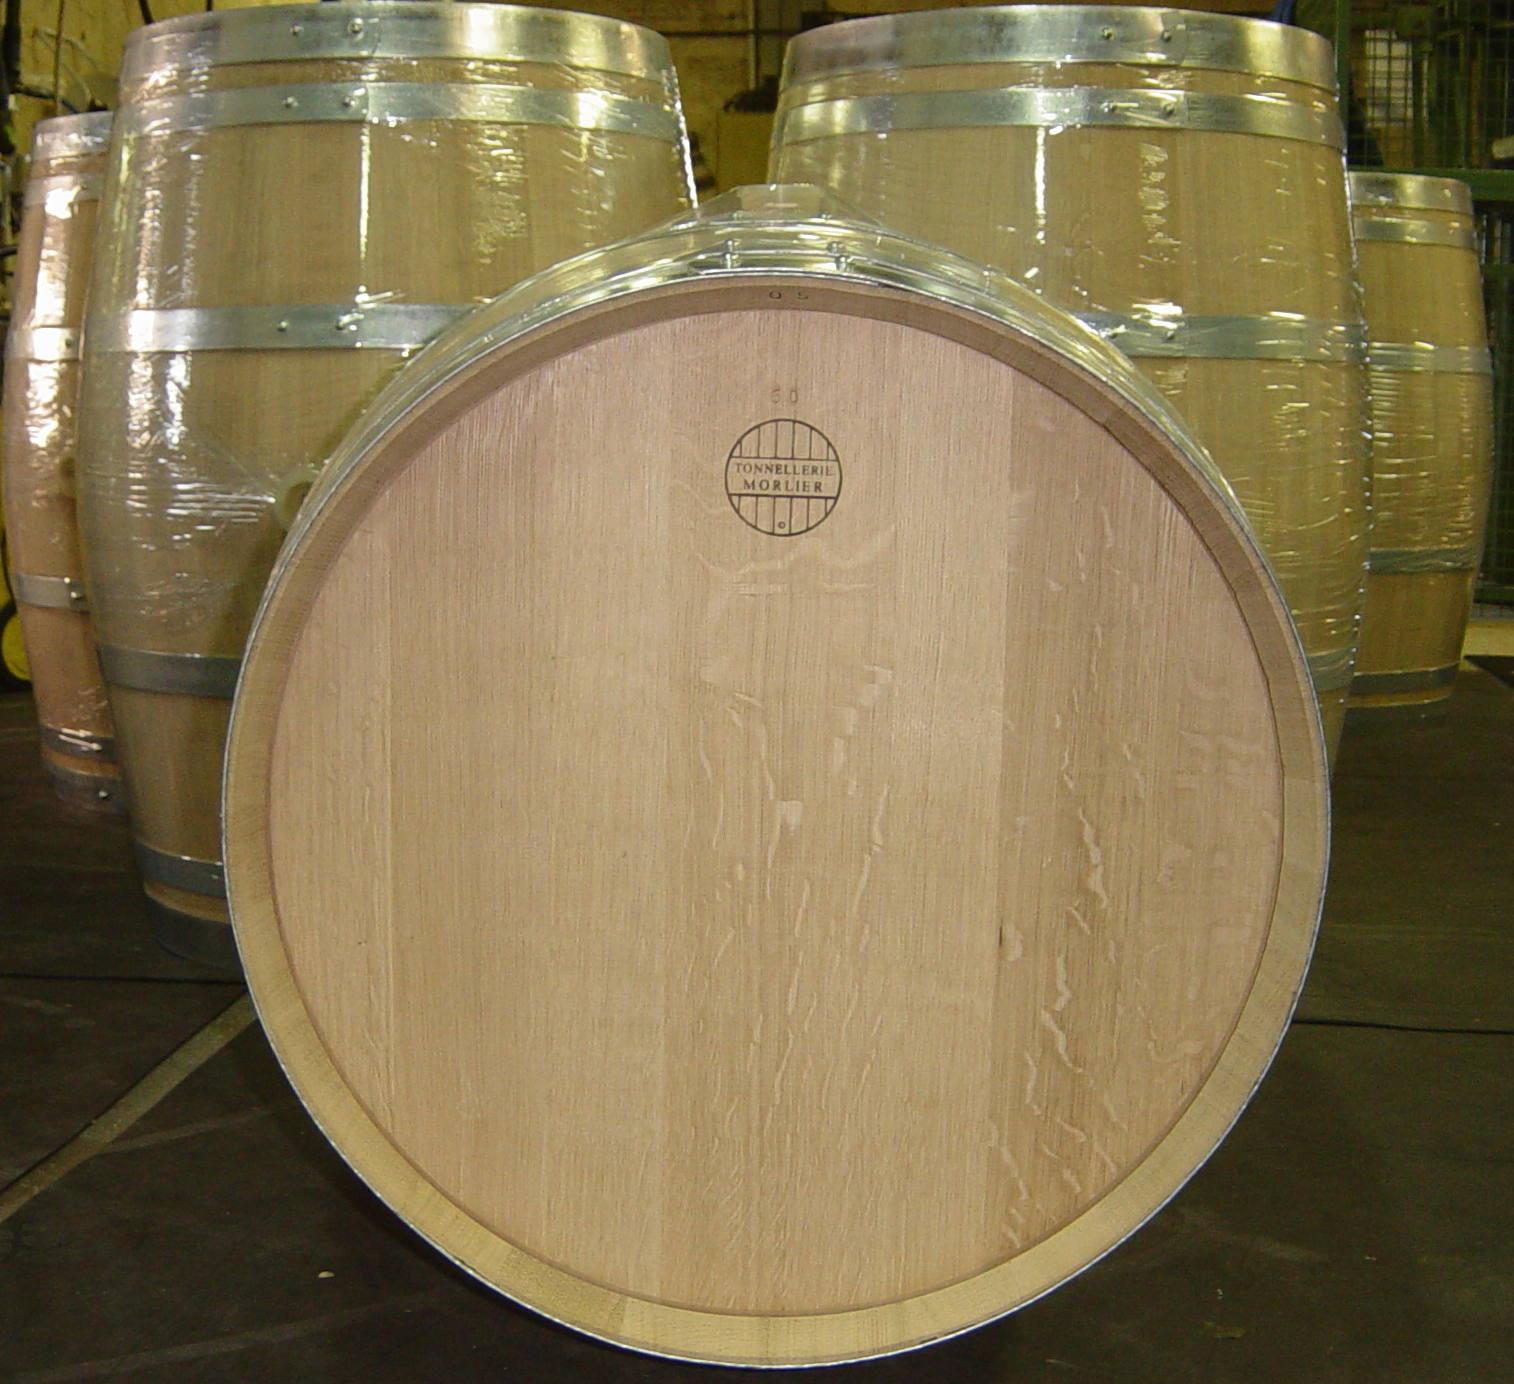 tonnellerie morlier fabrication artisanale barrique bordelaise en ch ne pour le vin saint. Black Bedroom Furniture Sets. Home Design Ideas